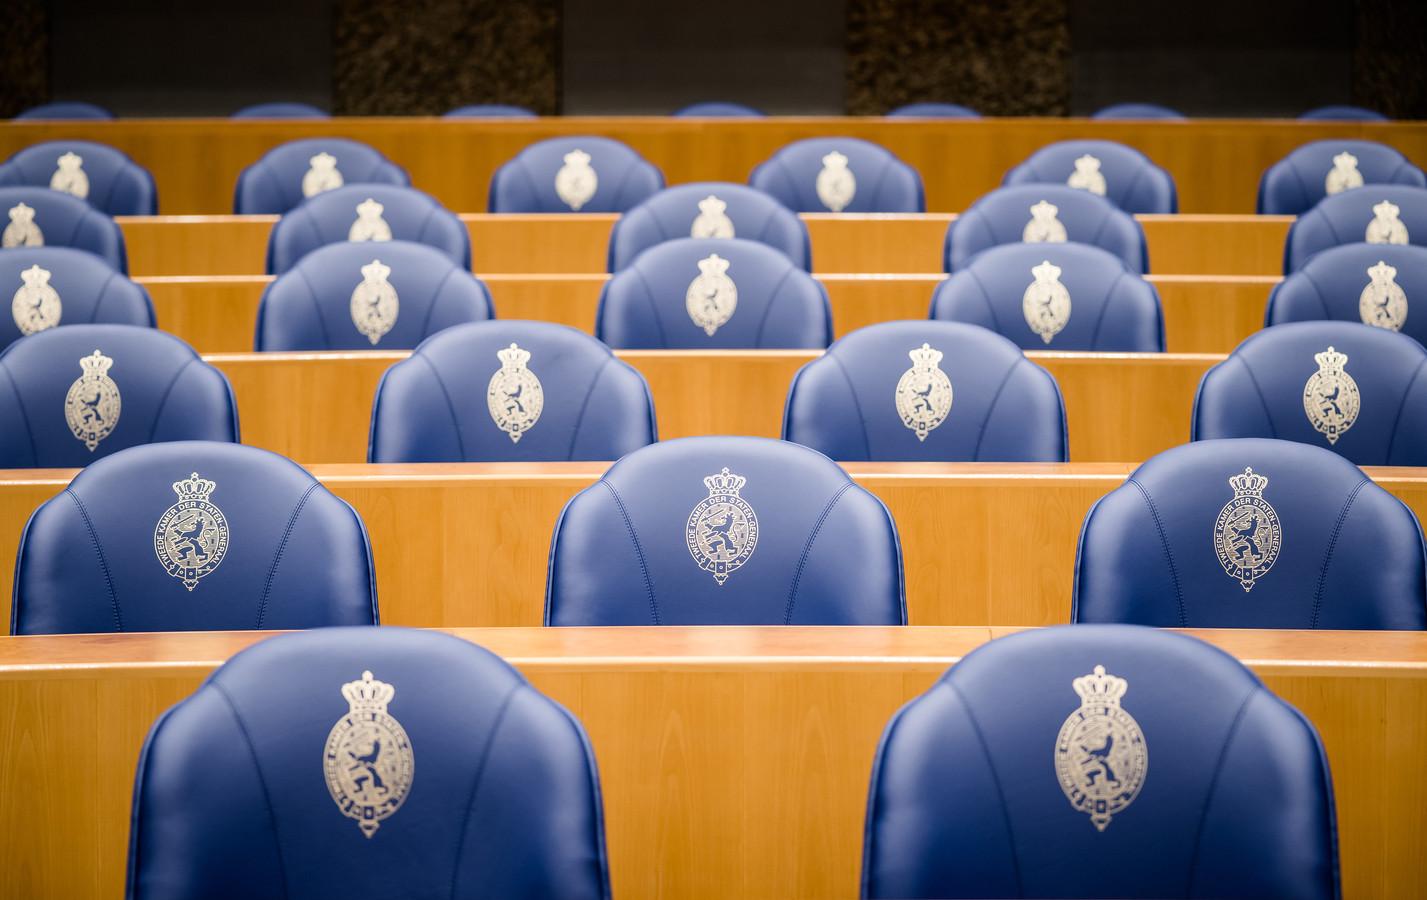 De plenaire zaal in de Tweede Kamer.